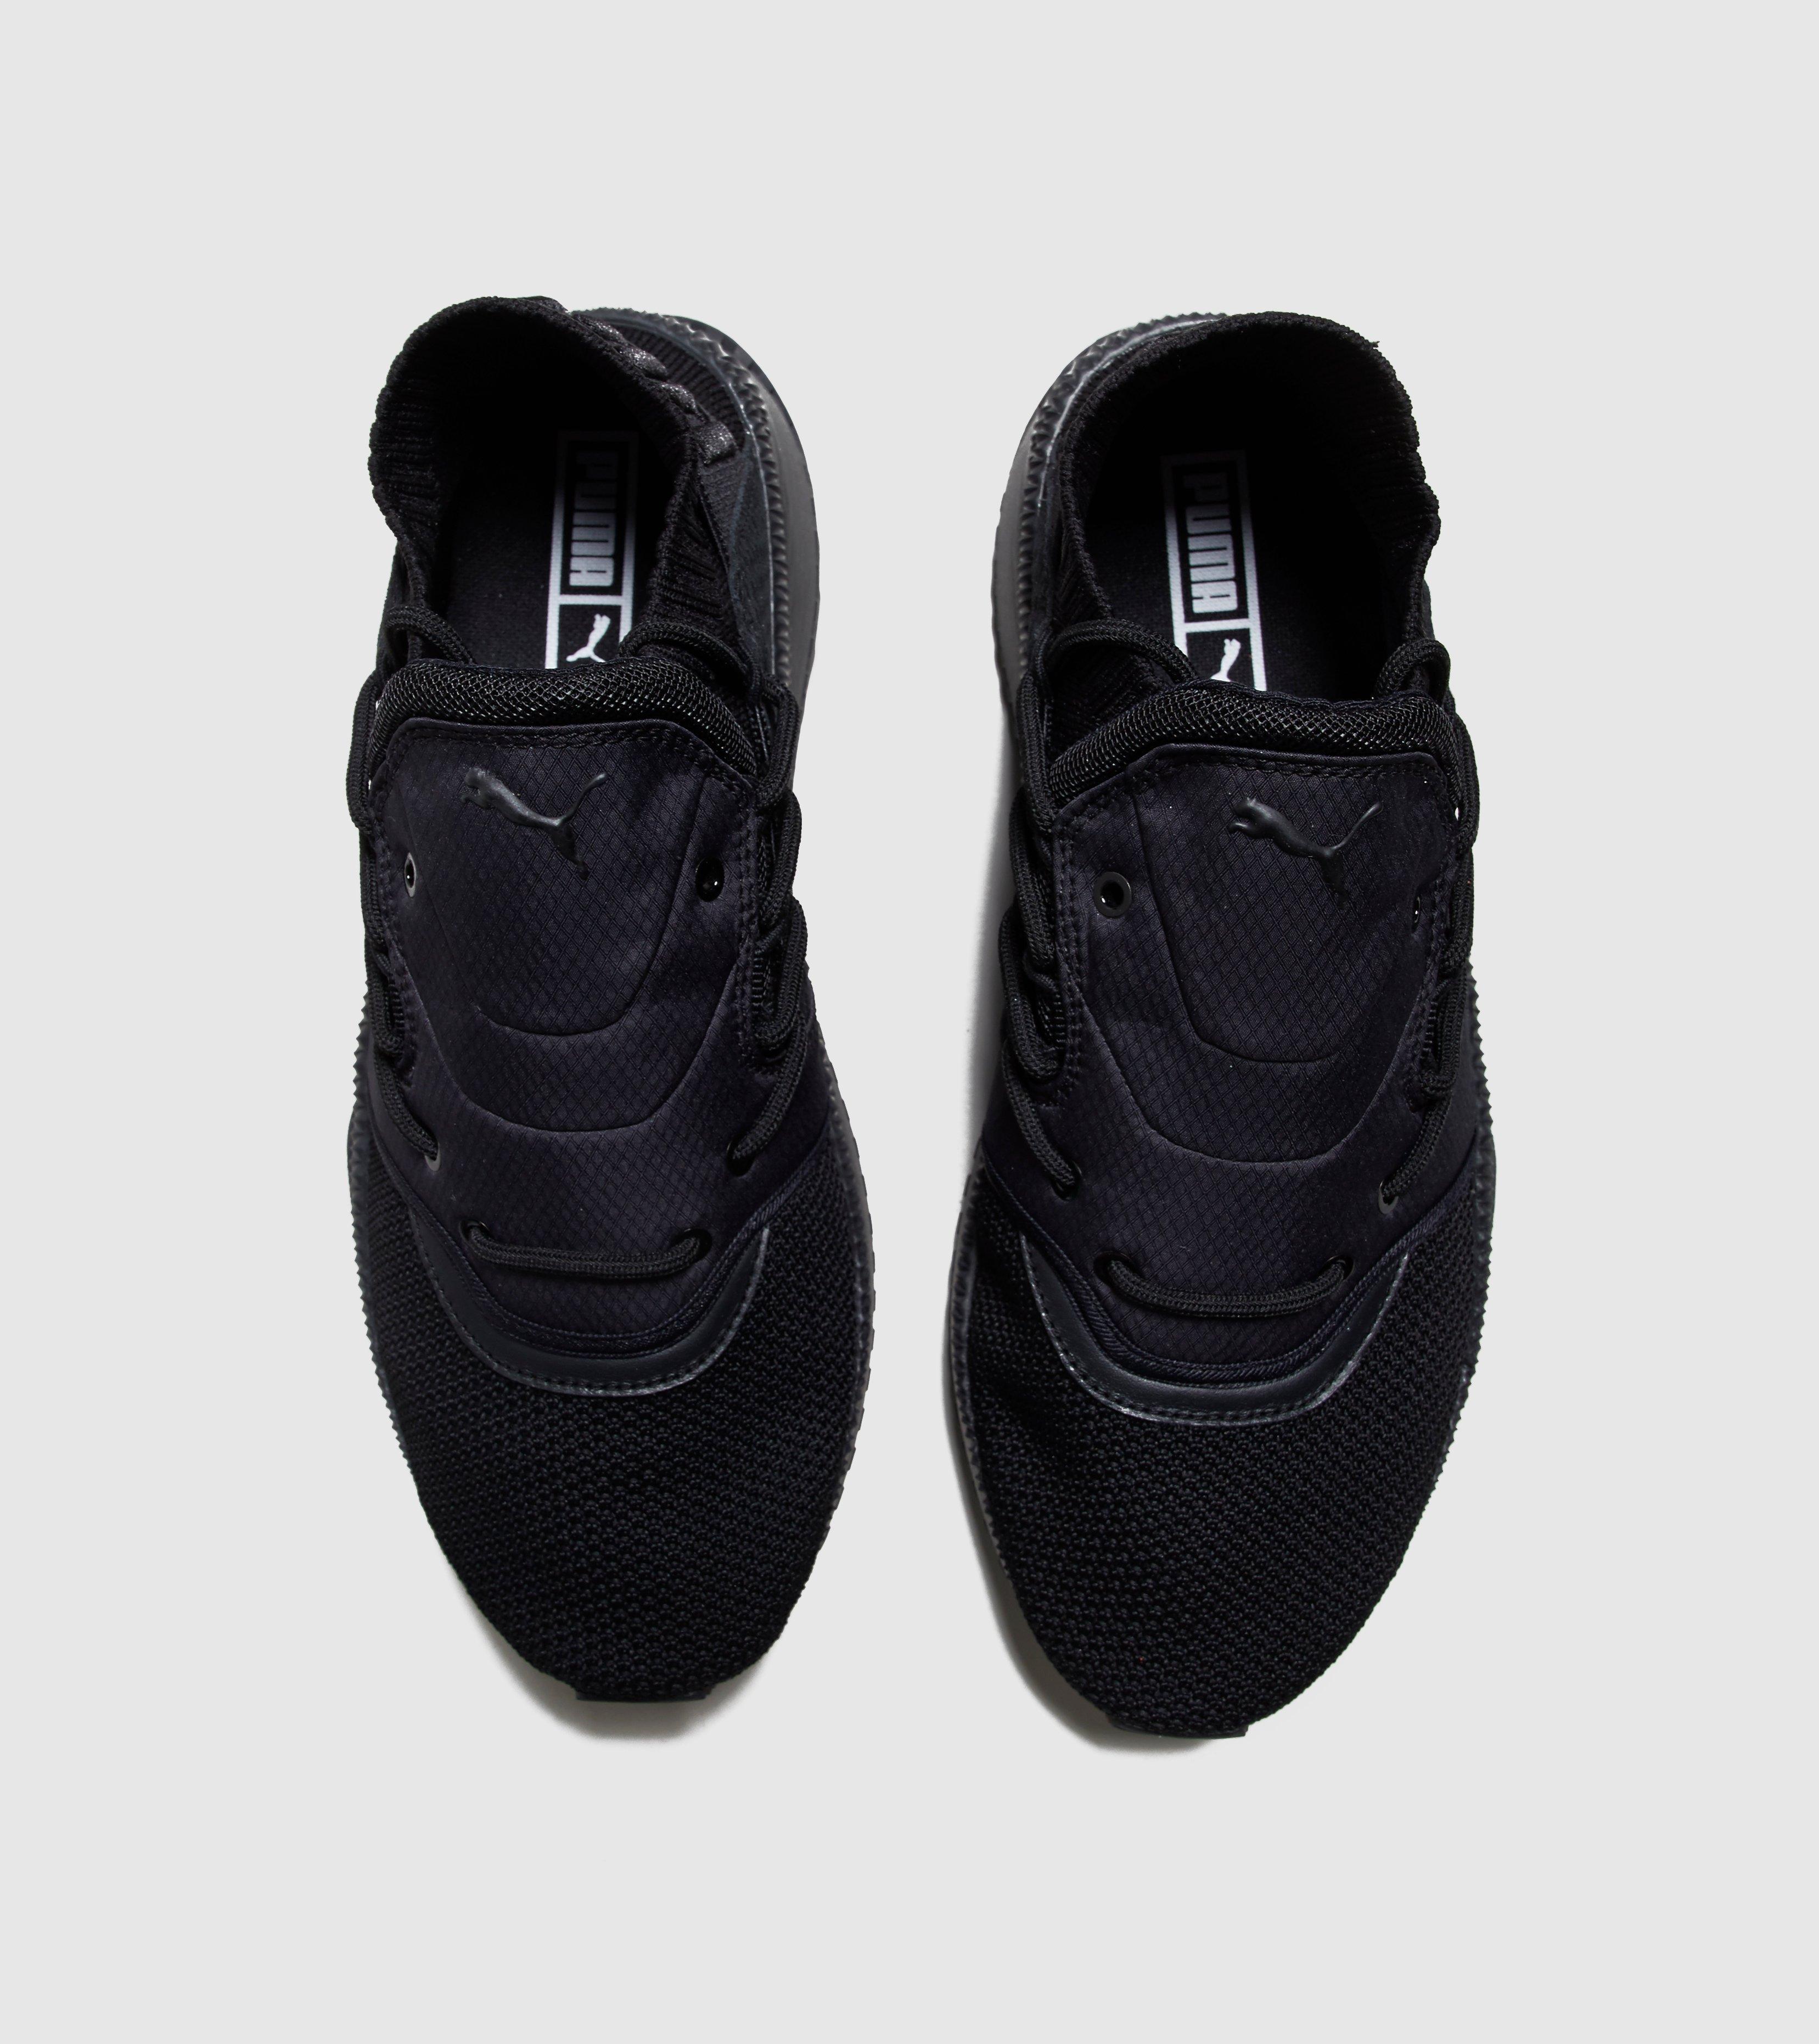 5f915c842620 Lyst - Puma Tsugi Shinsei in Black for Men